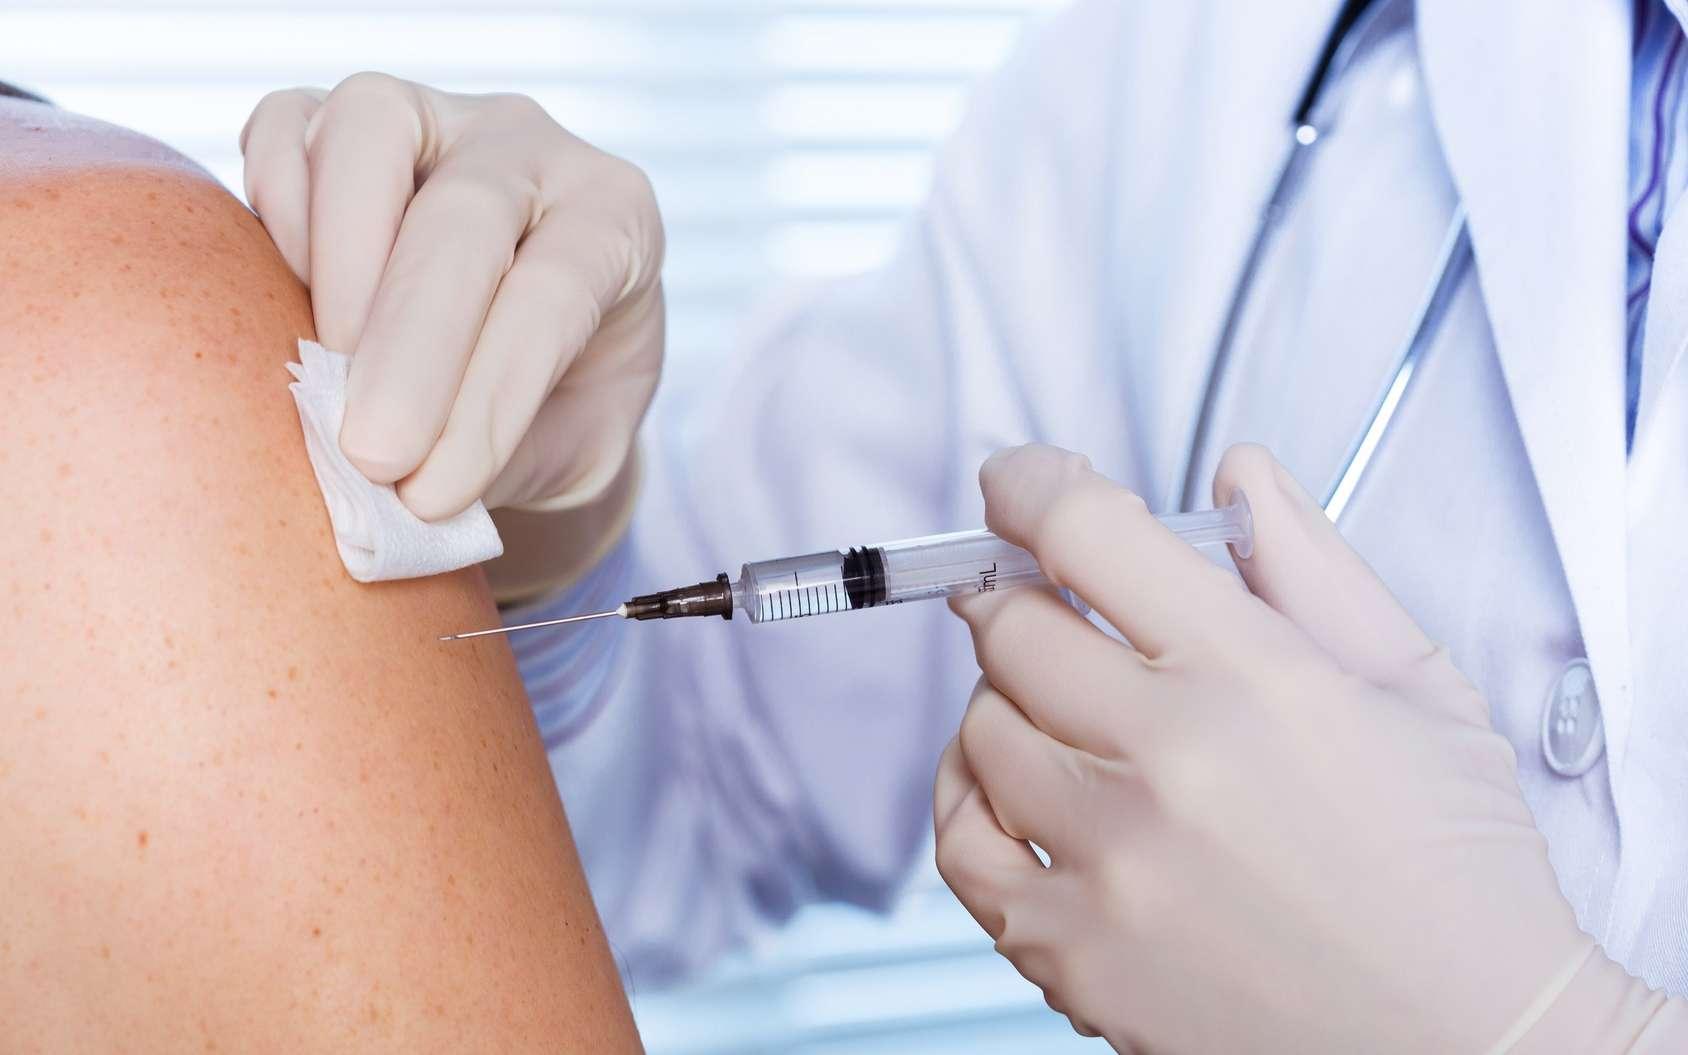 Un vaccin contre le coronavirus a débuté la phase I des essais cliniques. Il est actuellement testé sur 45 volontaires non-infectés par le virus. C'est le premier vaccin destiné à ralentir l'épidémie de Covid-19 testé sur l'Homme. © guerrieroale, Fotolia